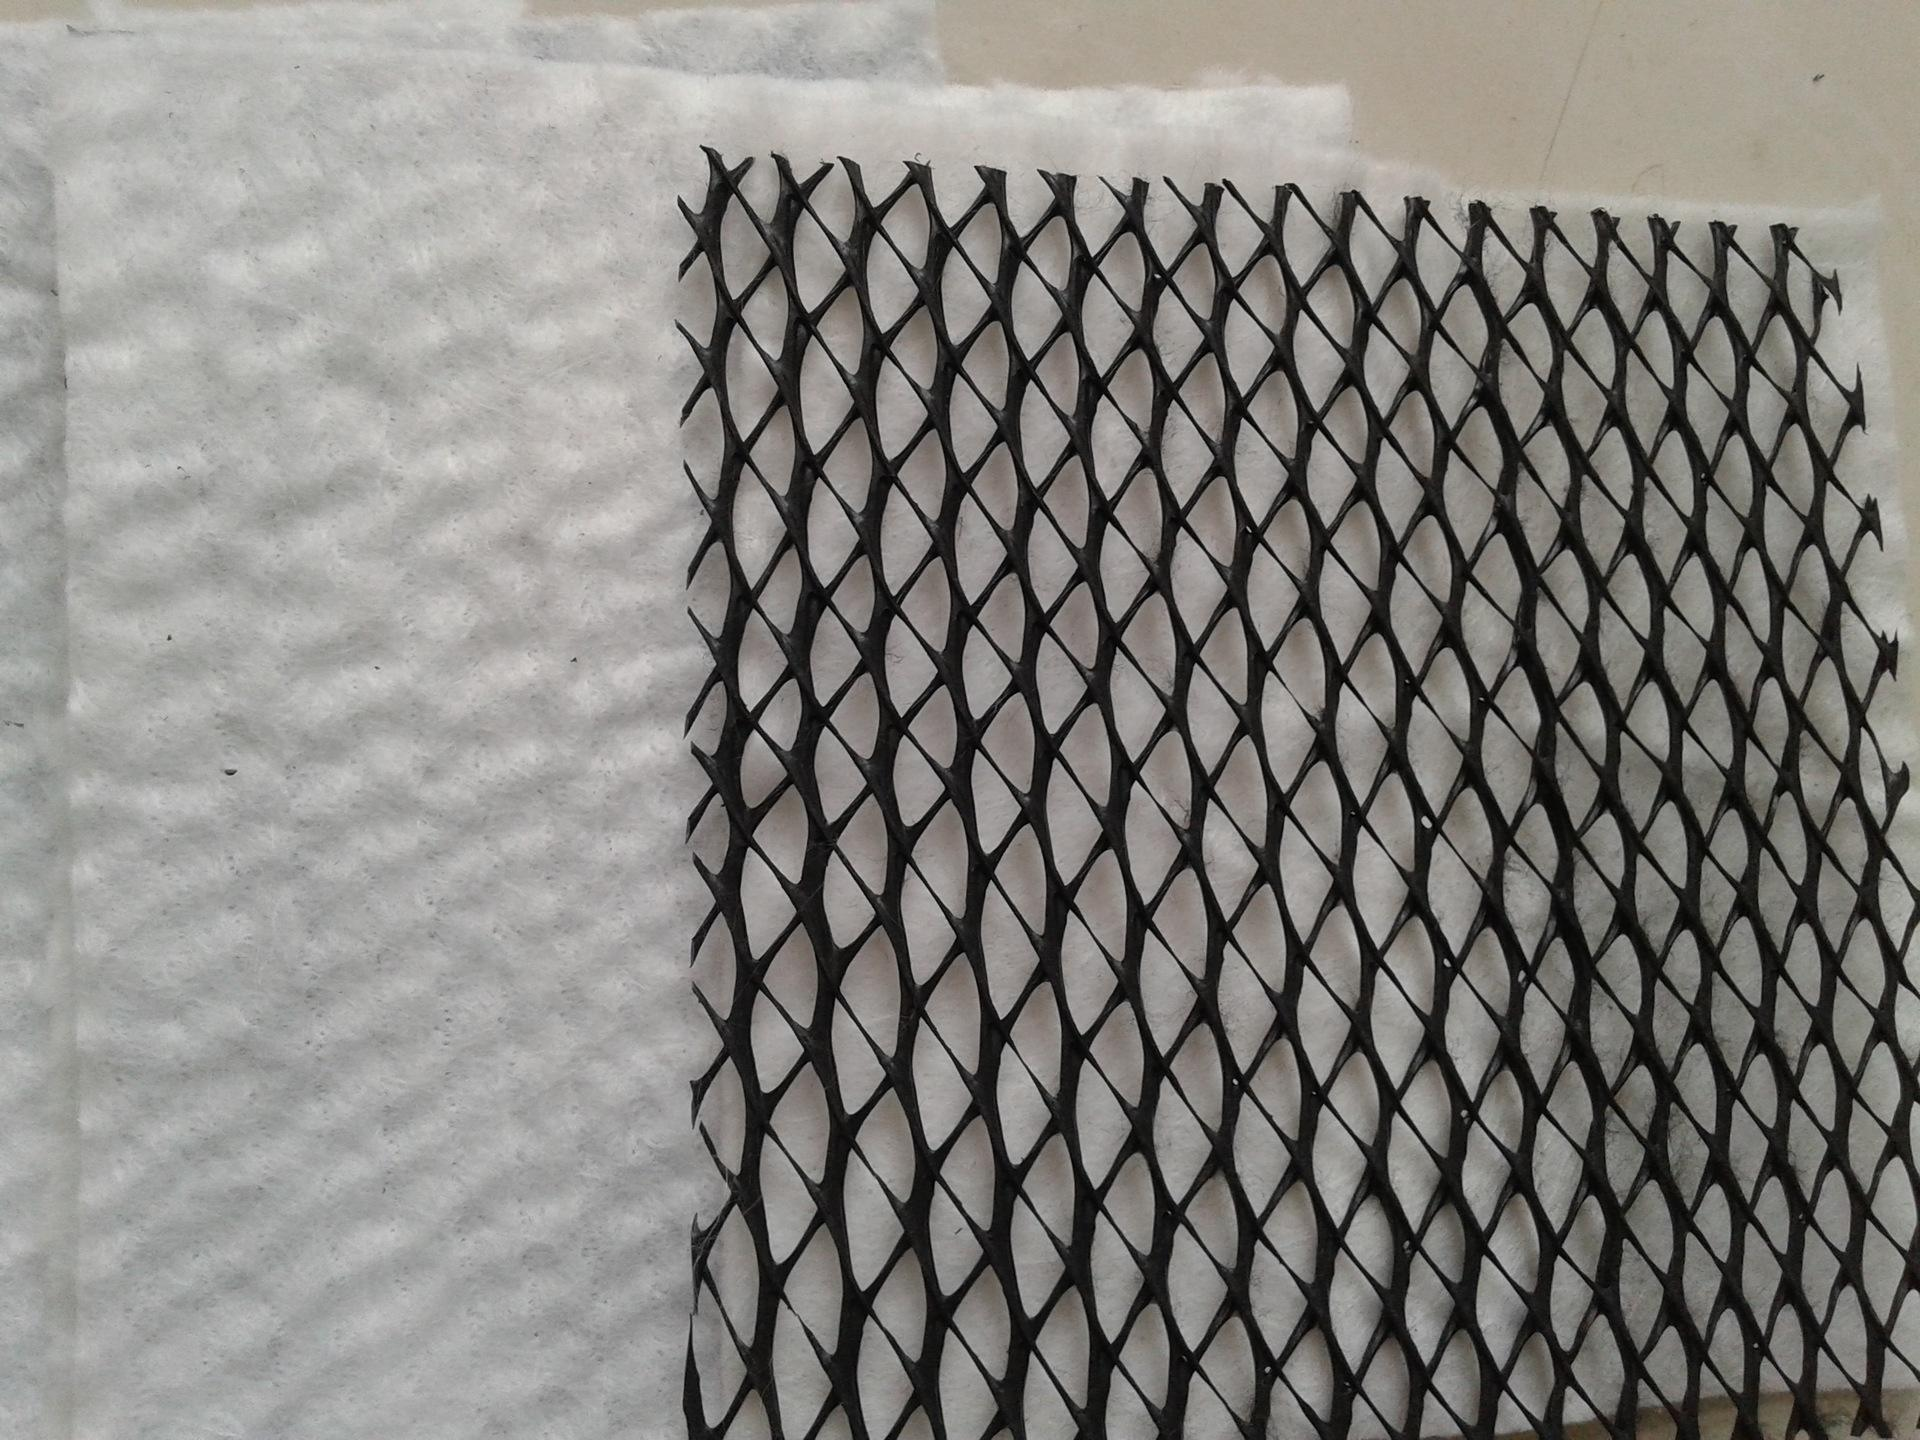 专业生产厂家介绍三维复合排水网的特性与作用